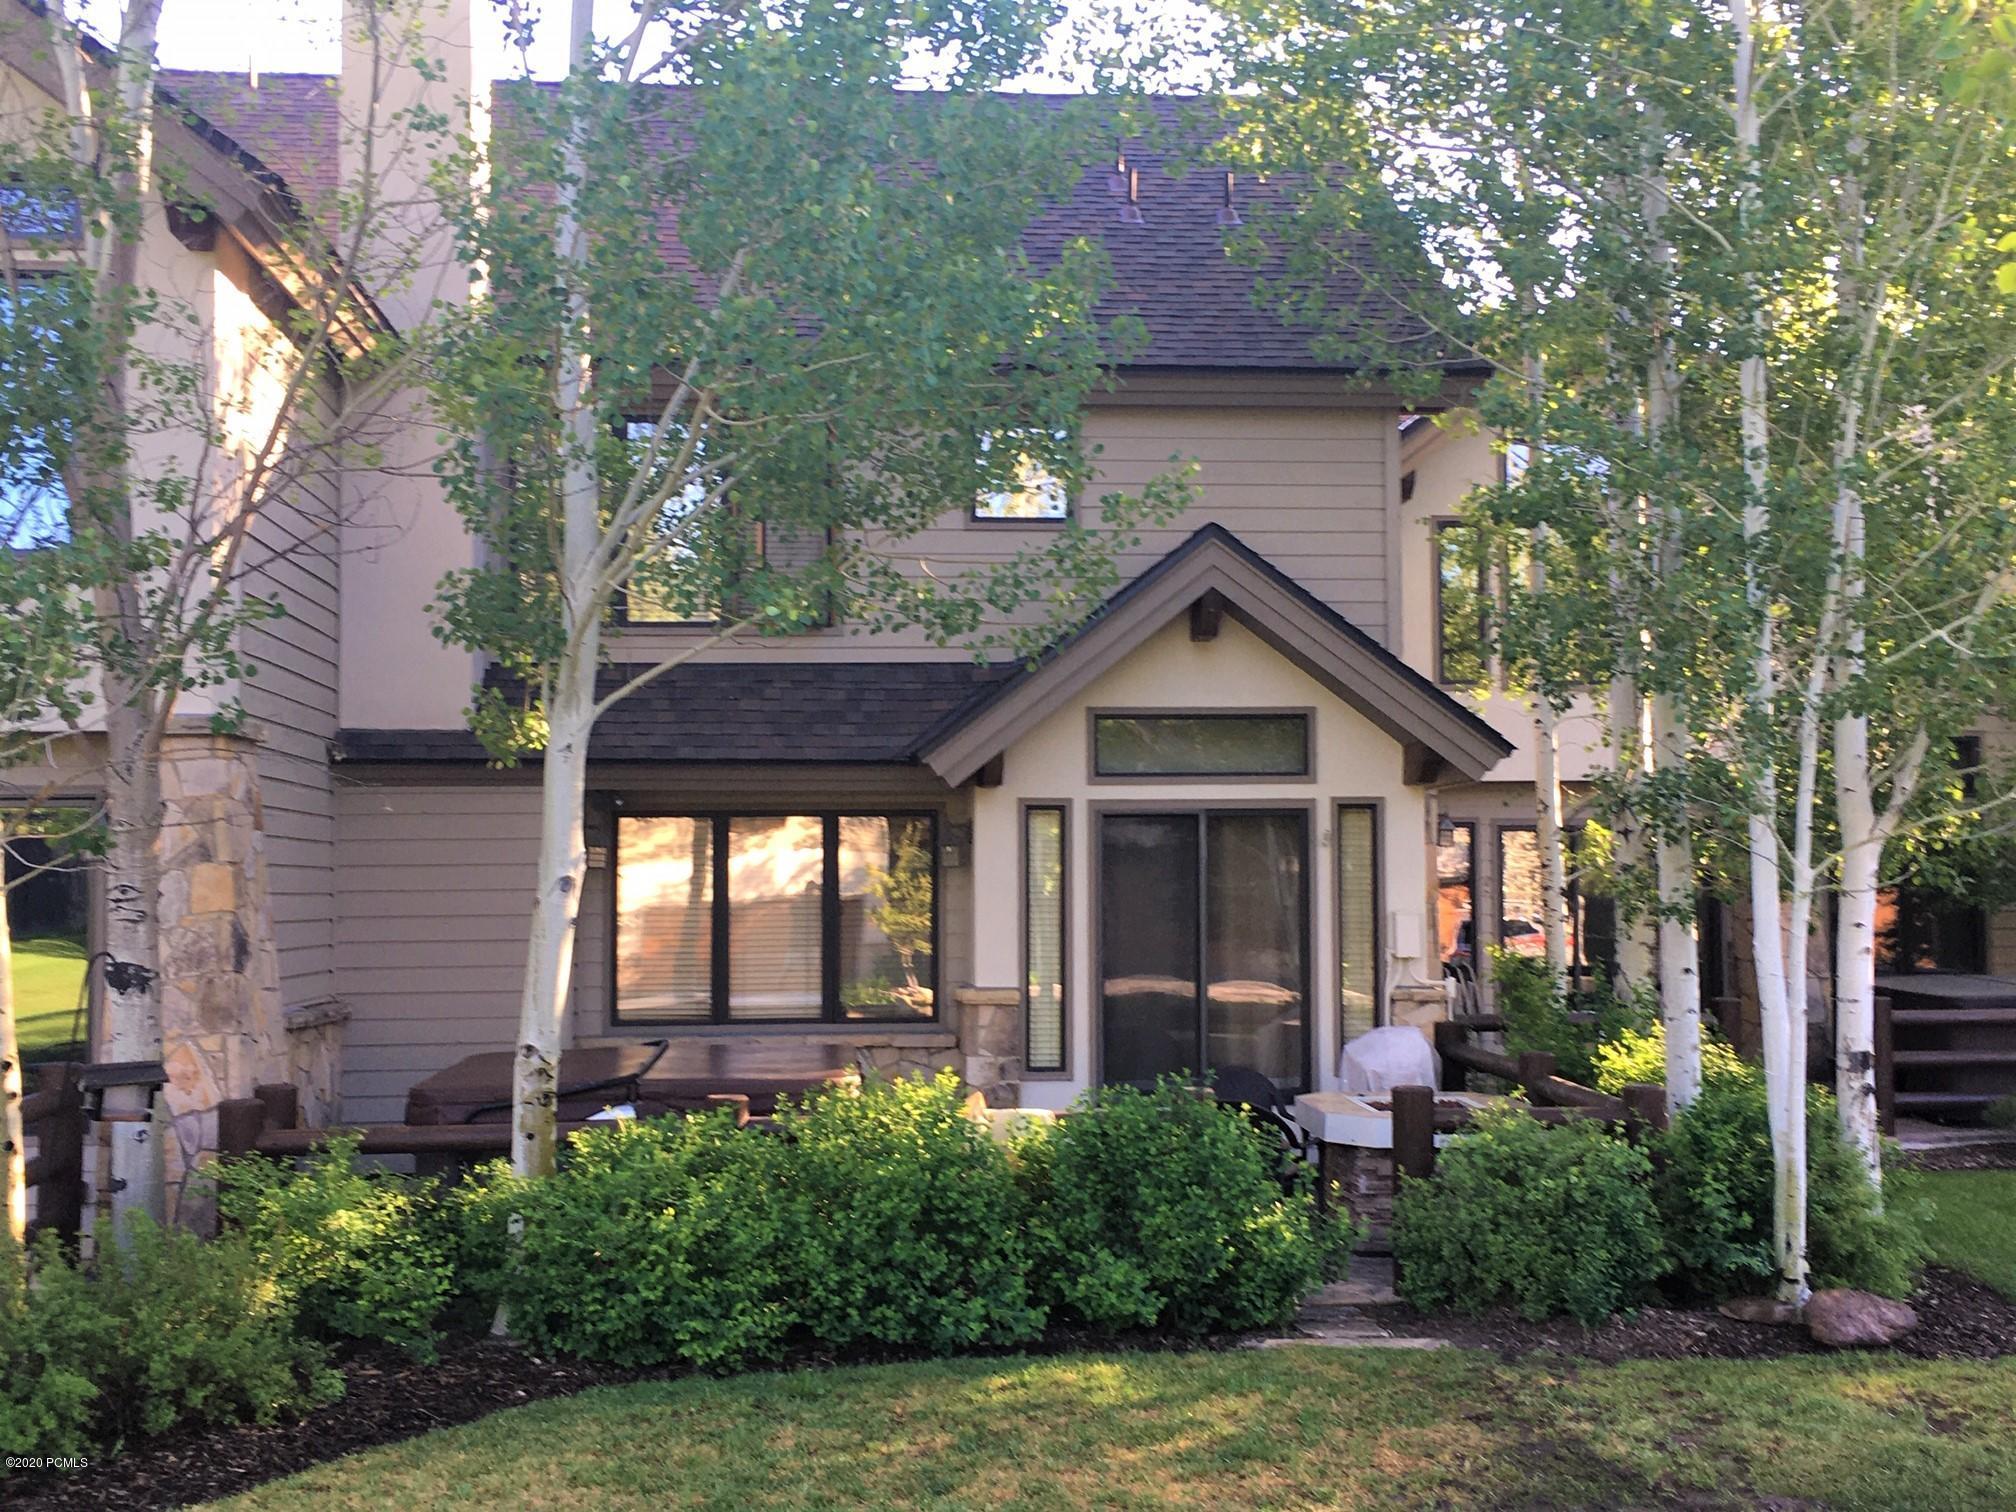 2491 Deer Lake Drive, Park City, Utah 84060, 2 Bedrooms Bedrooms, ,3 BathroomsBathrooms,Condominium,For Sale,Deer Lake,20190109112430415765000000